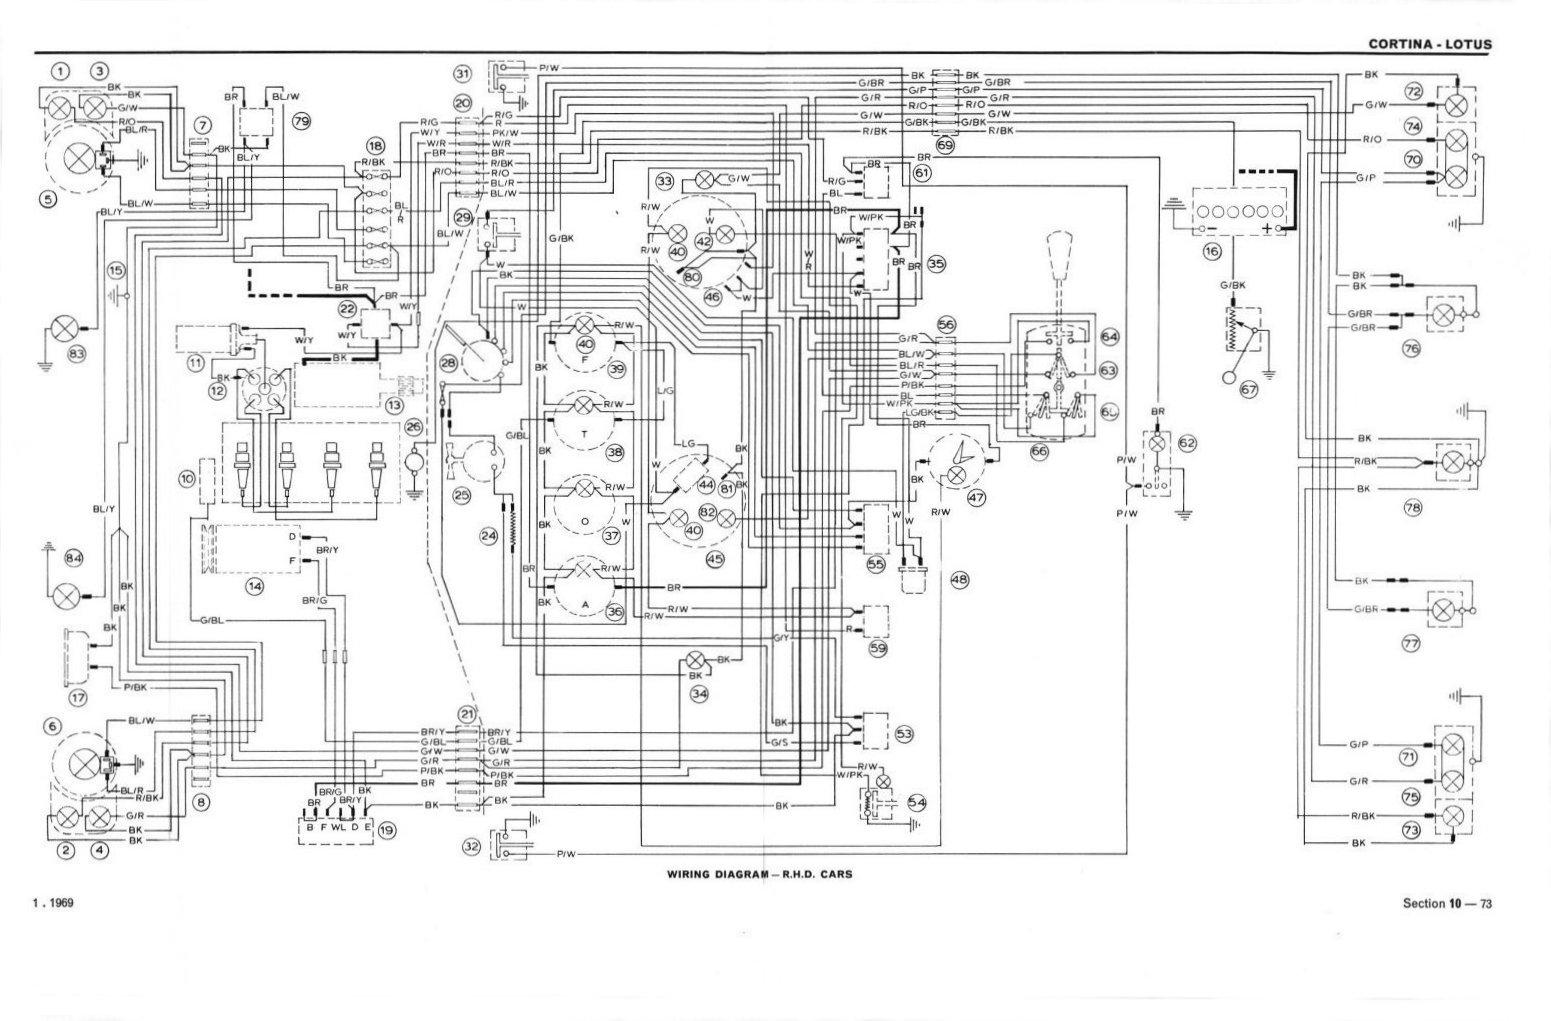 hight resolution of mk2 wiring diagram wiring diagram namevw mk2 wiring radioactiv 7